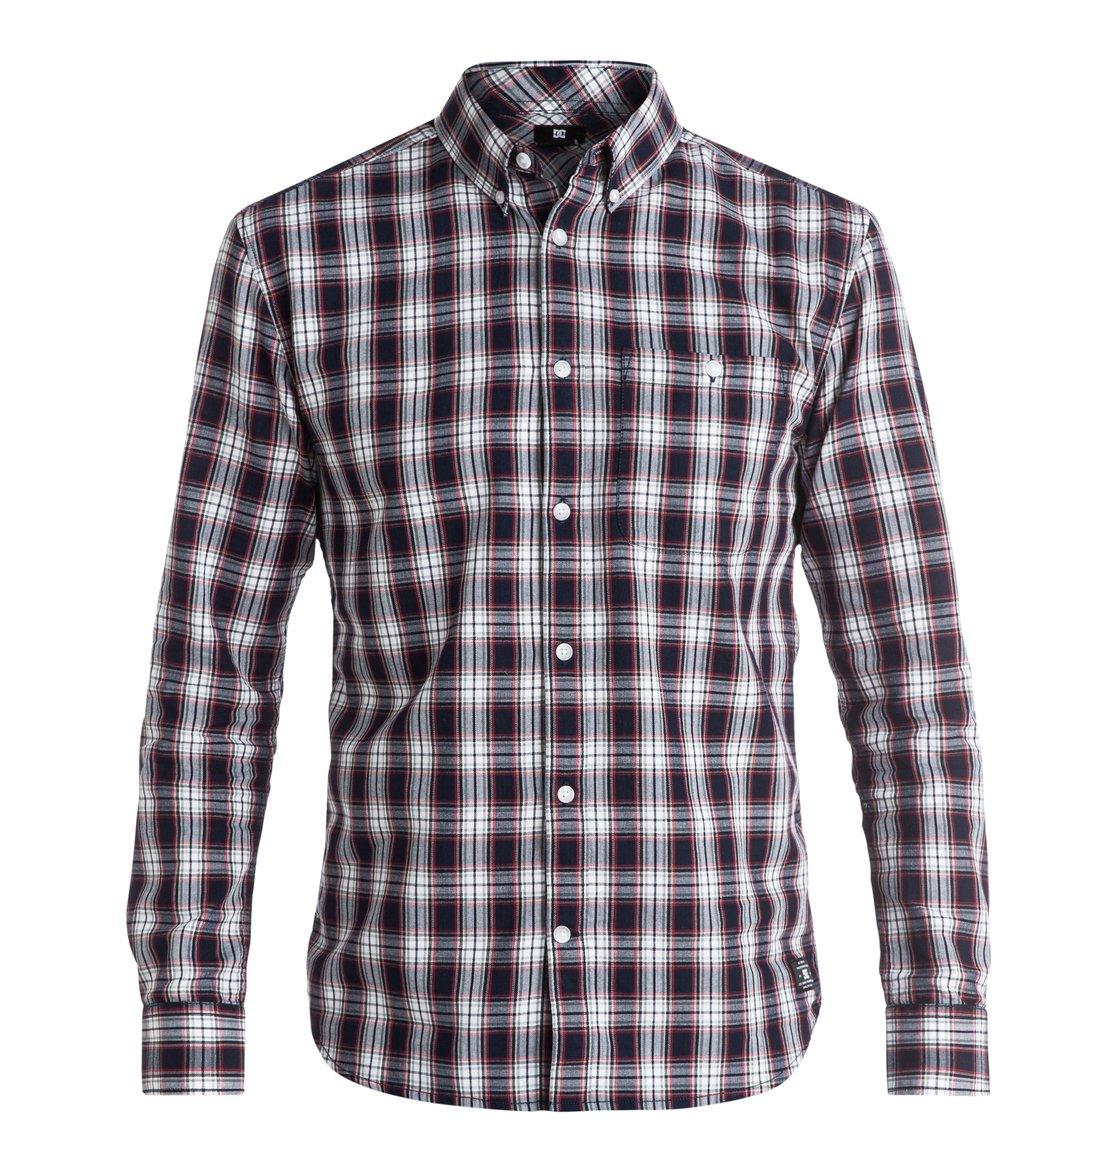 Рубашка с длинным рукавом Atura рубашка в клетку dc atura 3 atura black page 9